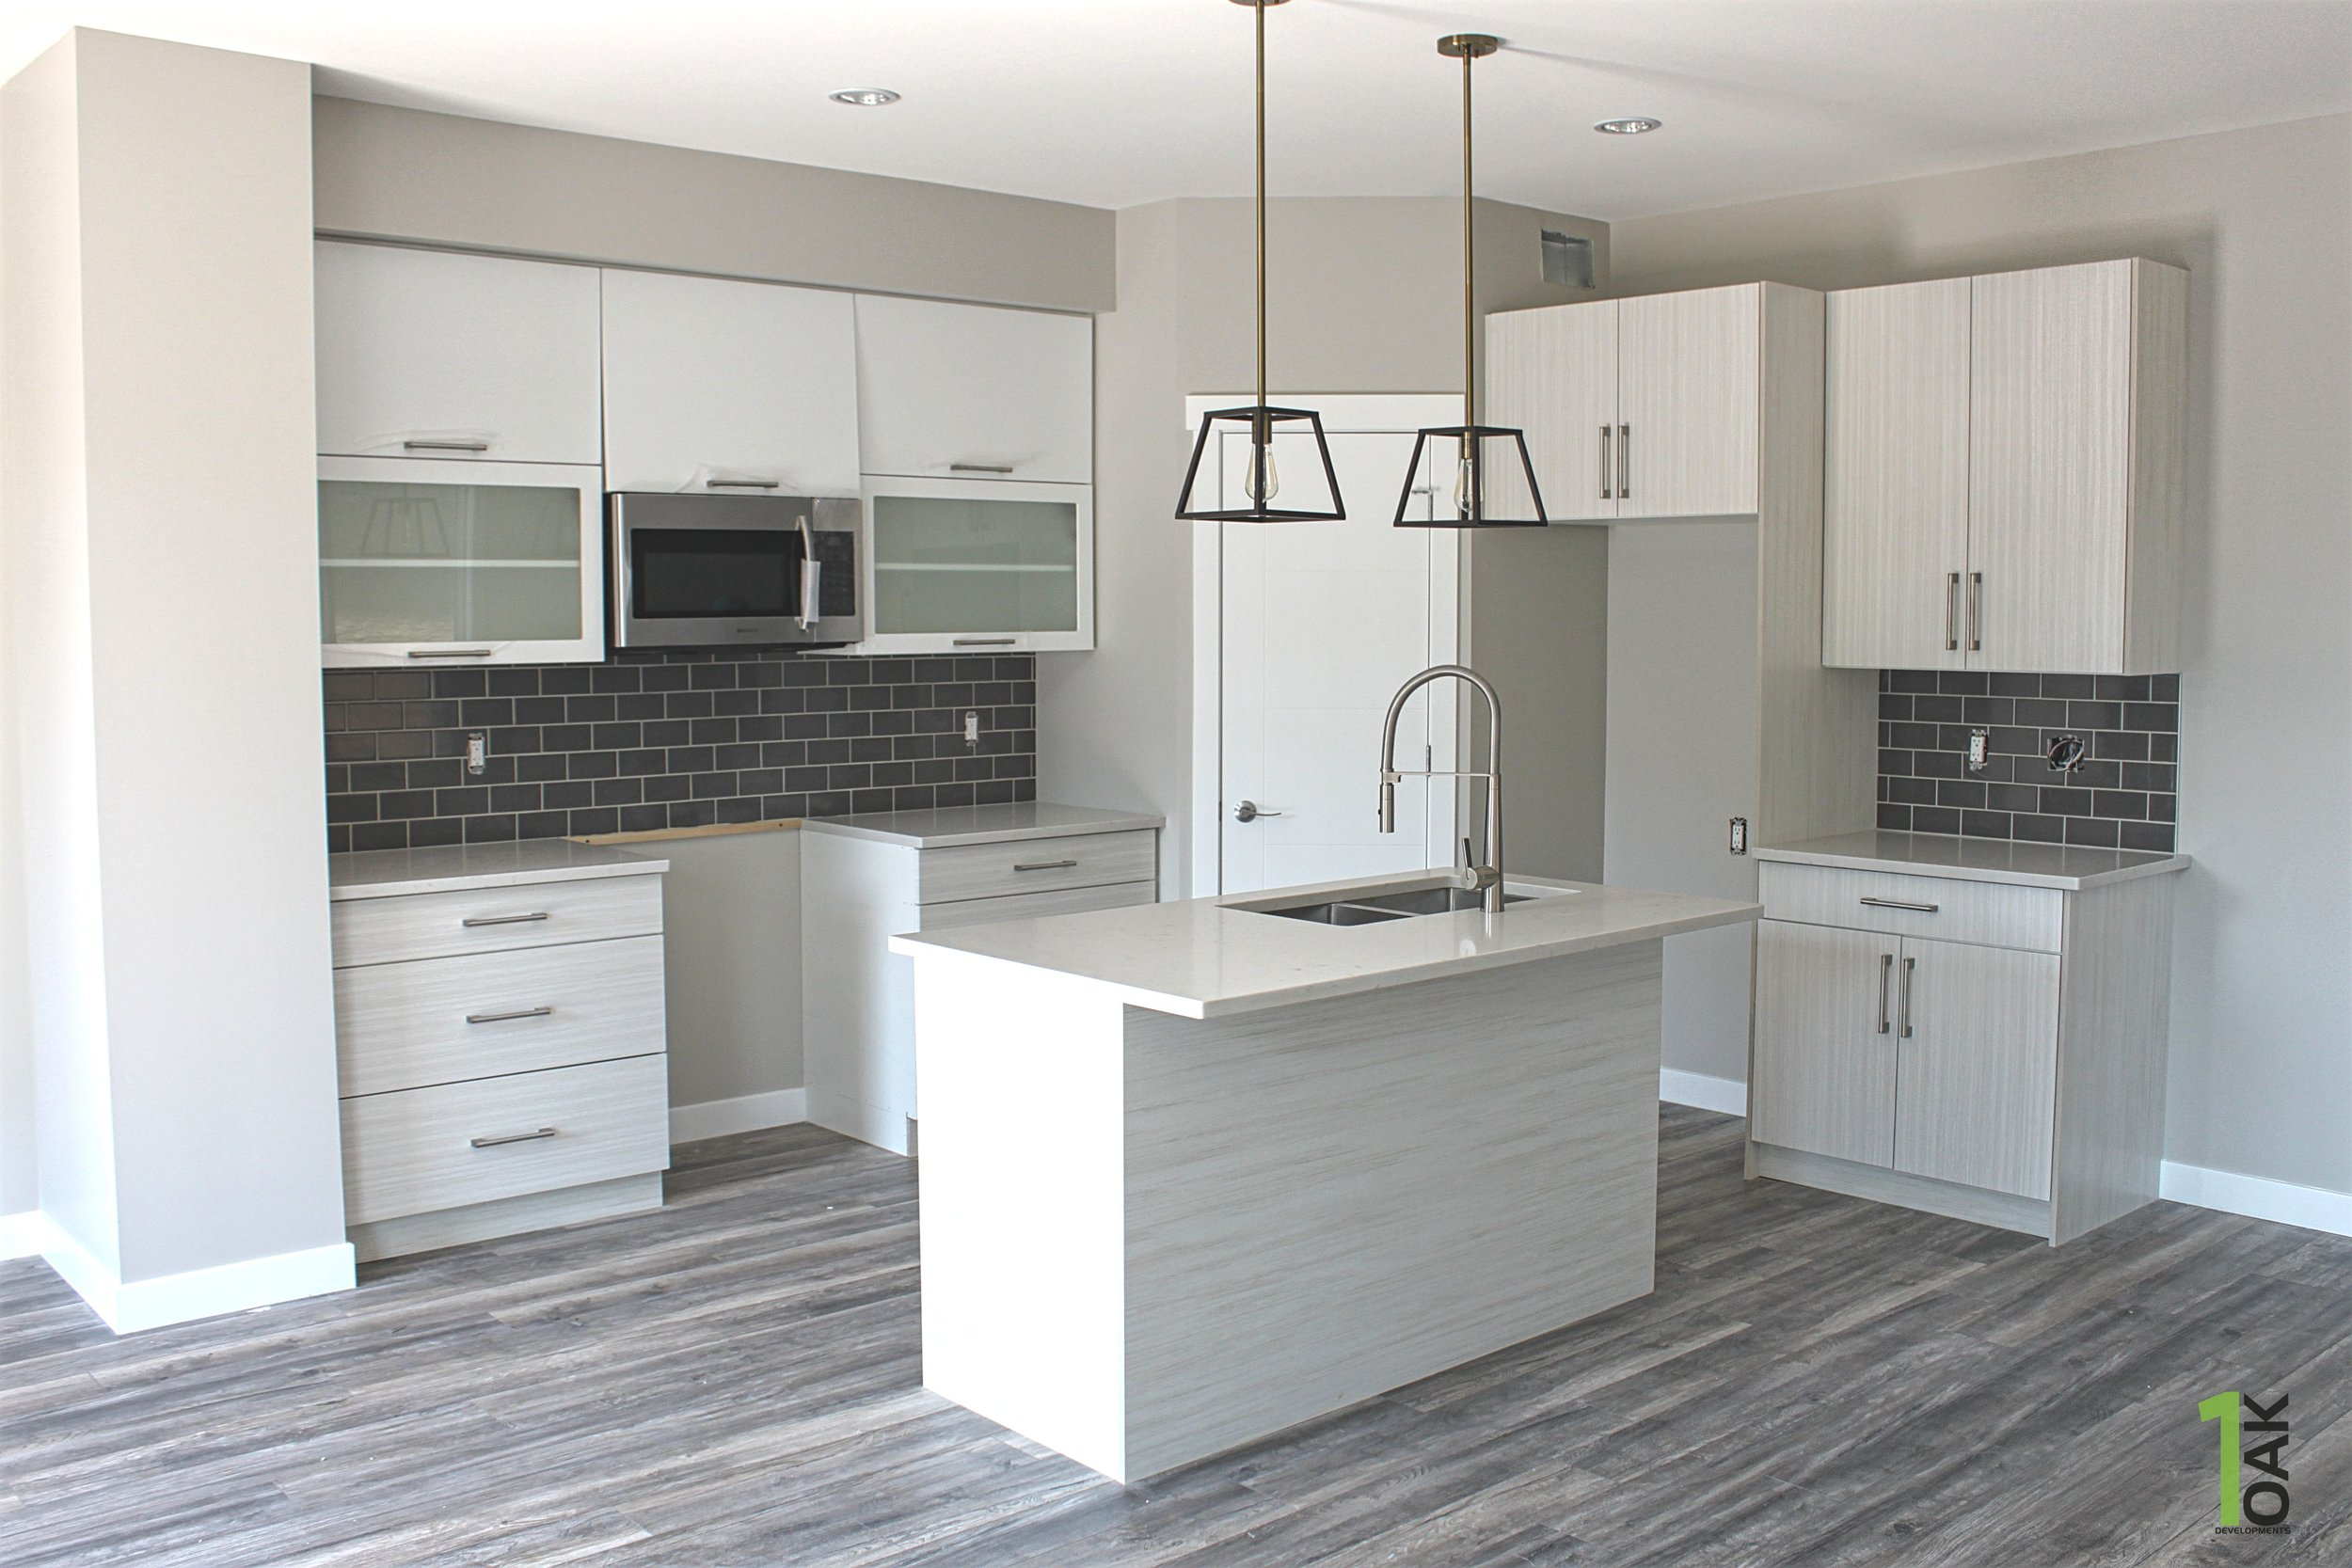 830 kitchen 2.jpg